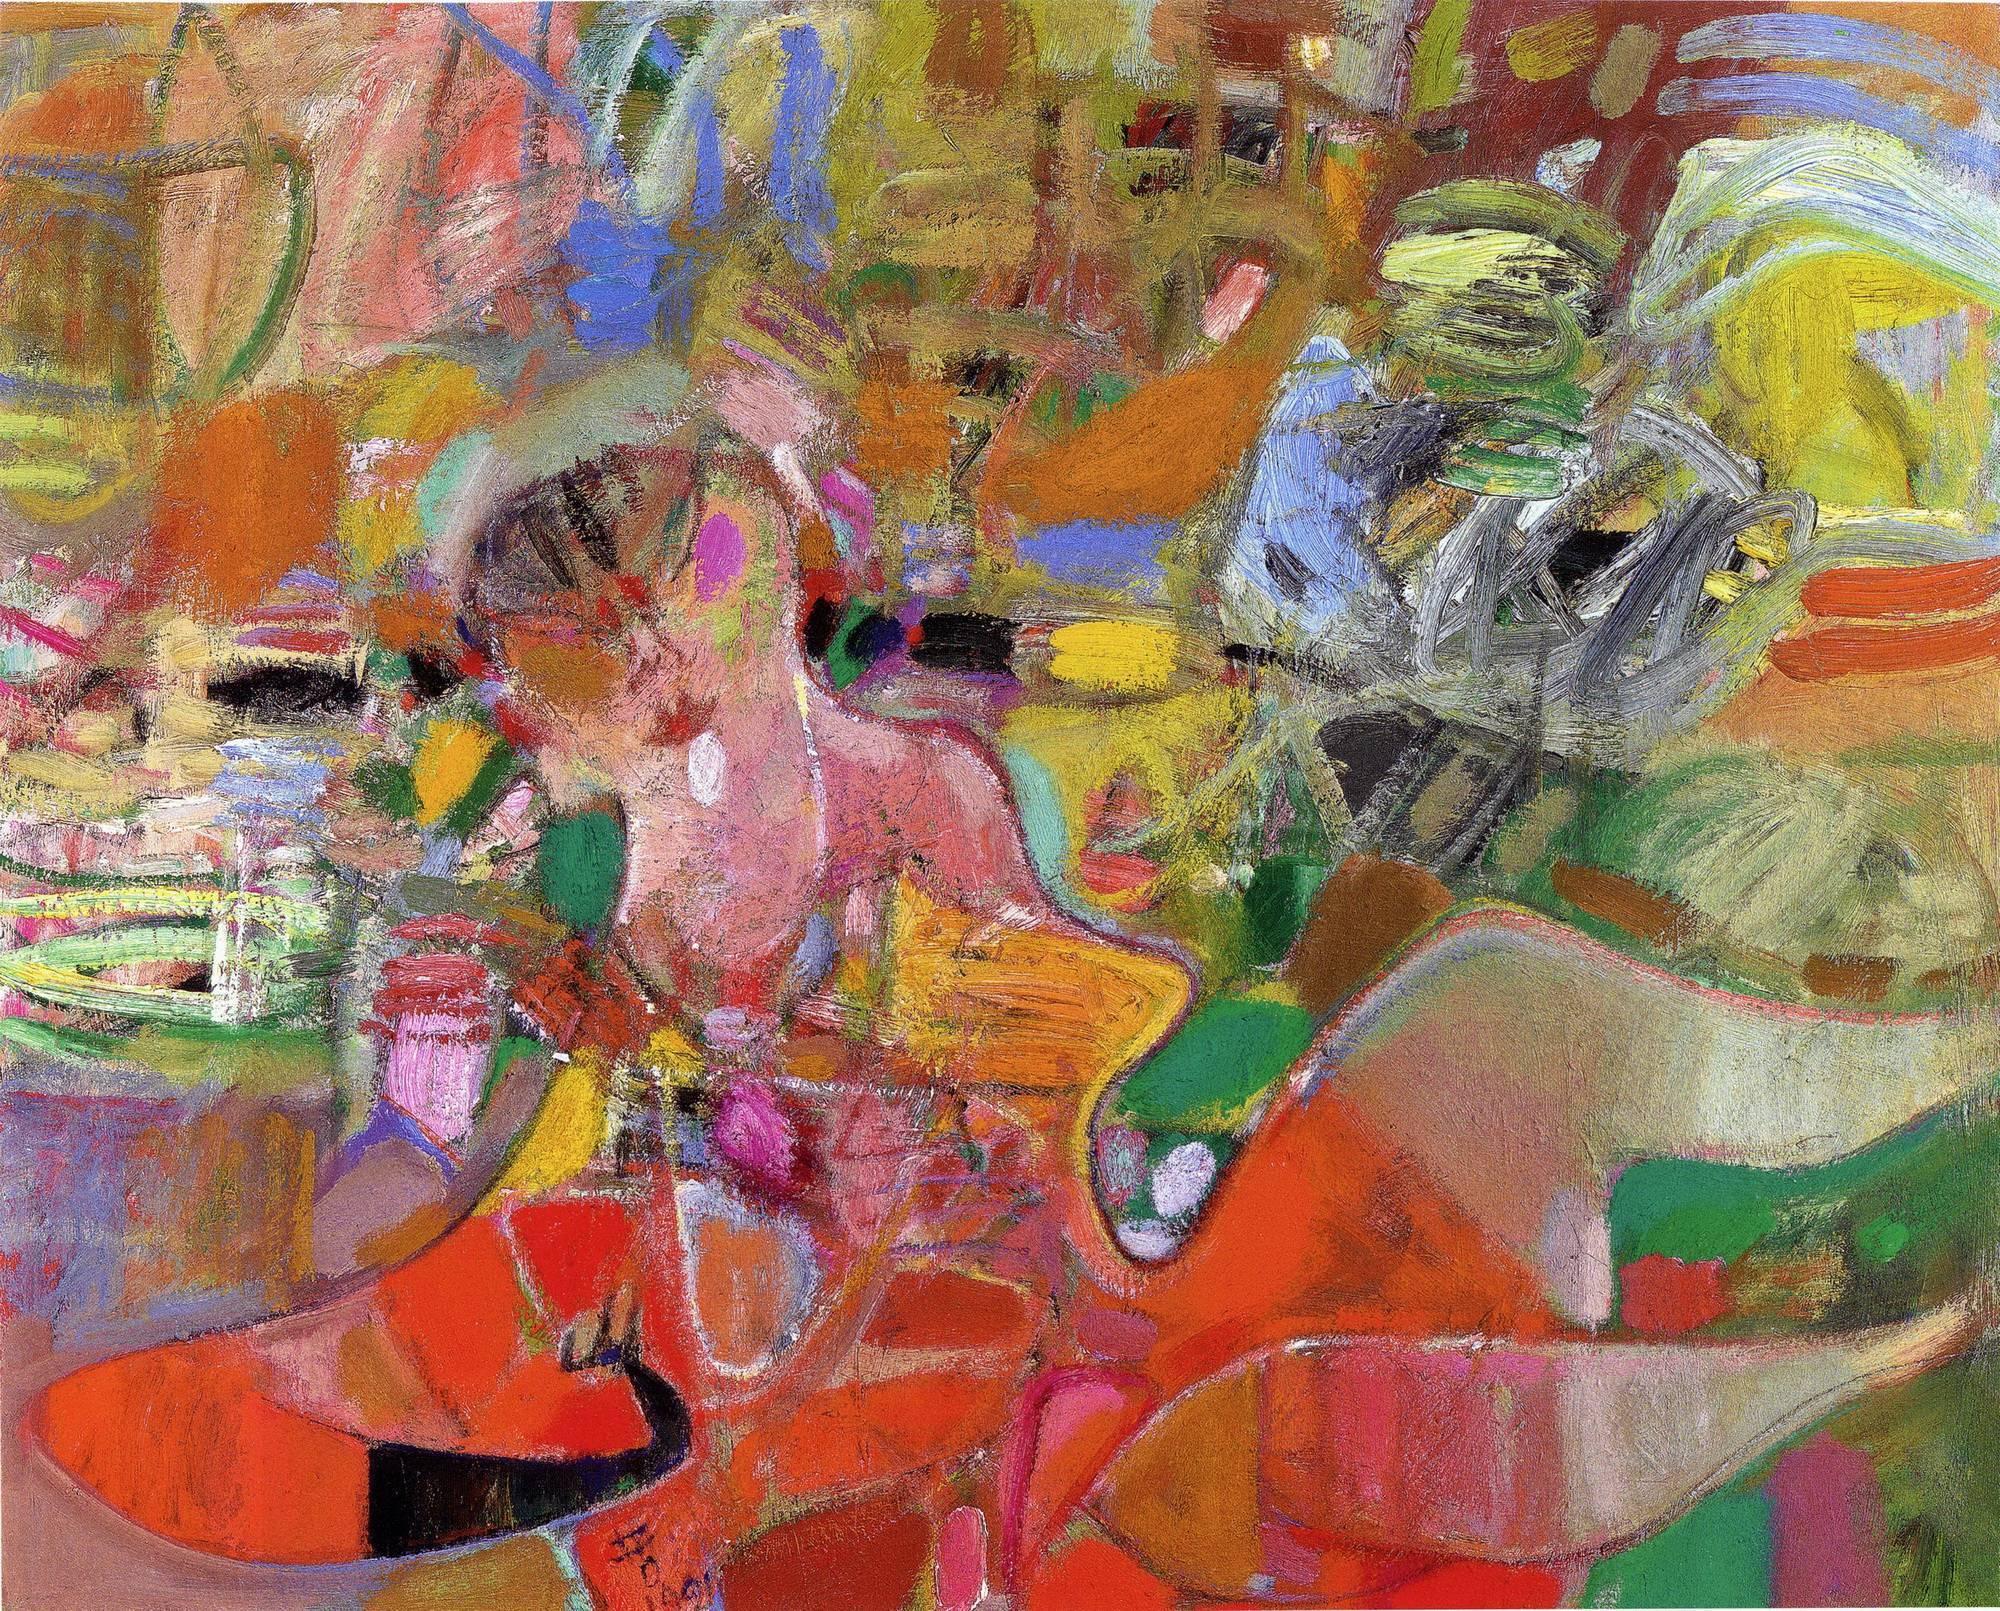 黃銘哲|東區的女人|1991|油彩|72.5x91cm